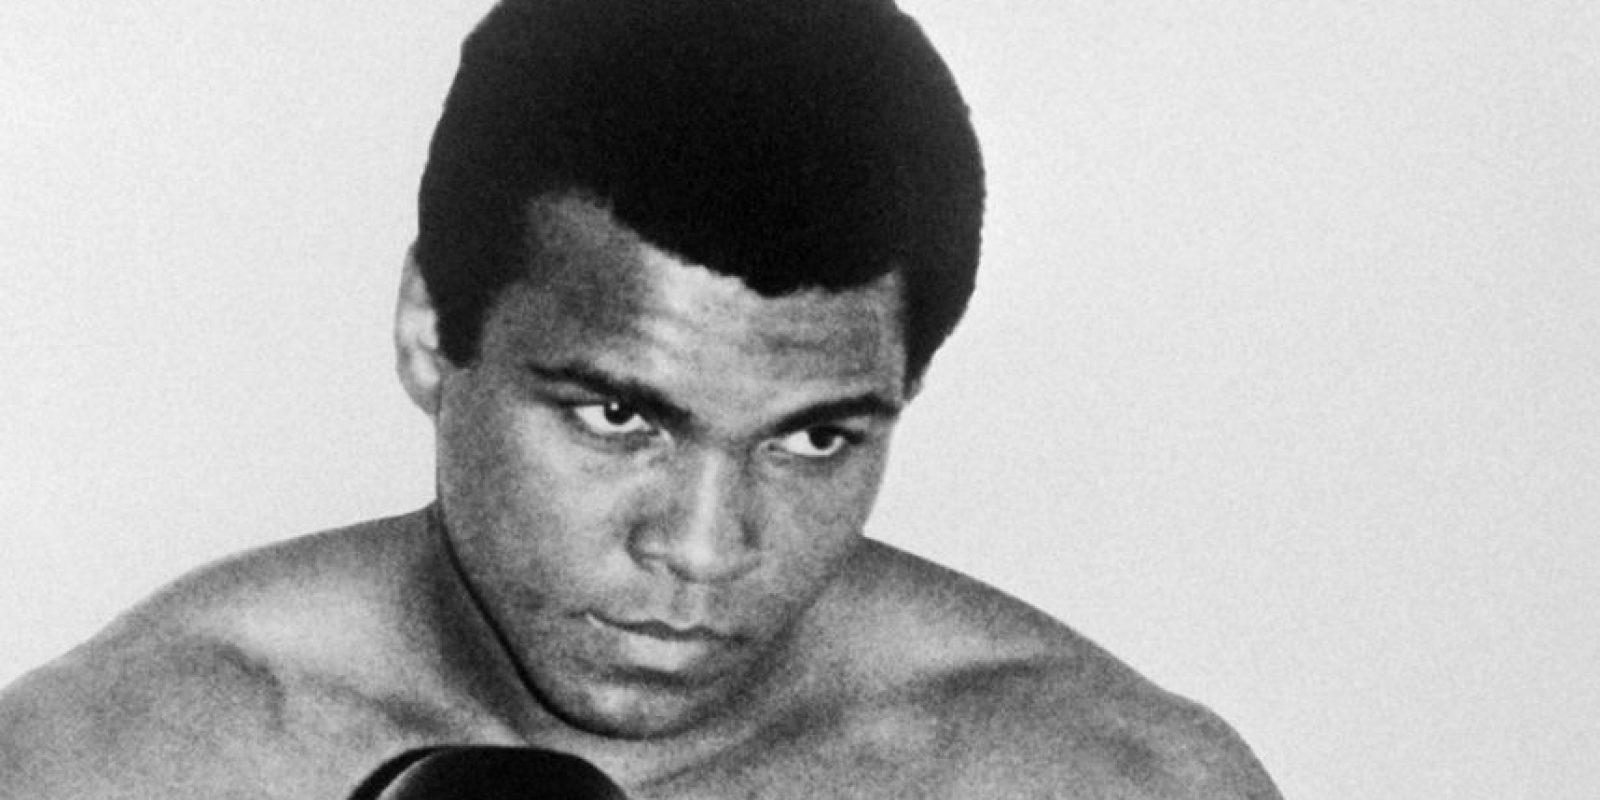 """En 1974, cuando Mohamed Alí iba a enfrentar a Foreman por el título mundial, visitó un brujo en África que le dijo que cada vez que terminara un round gritara """"Ah-Lee, ¡Bomm ya it!"""", para obtener la victoria y mantener el campeonato mundial de peso completo. Foto:AFP"""